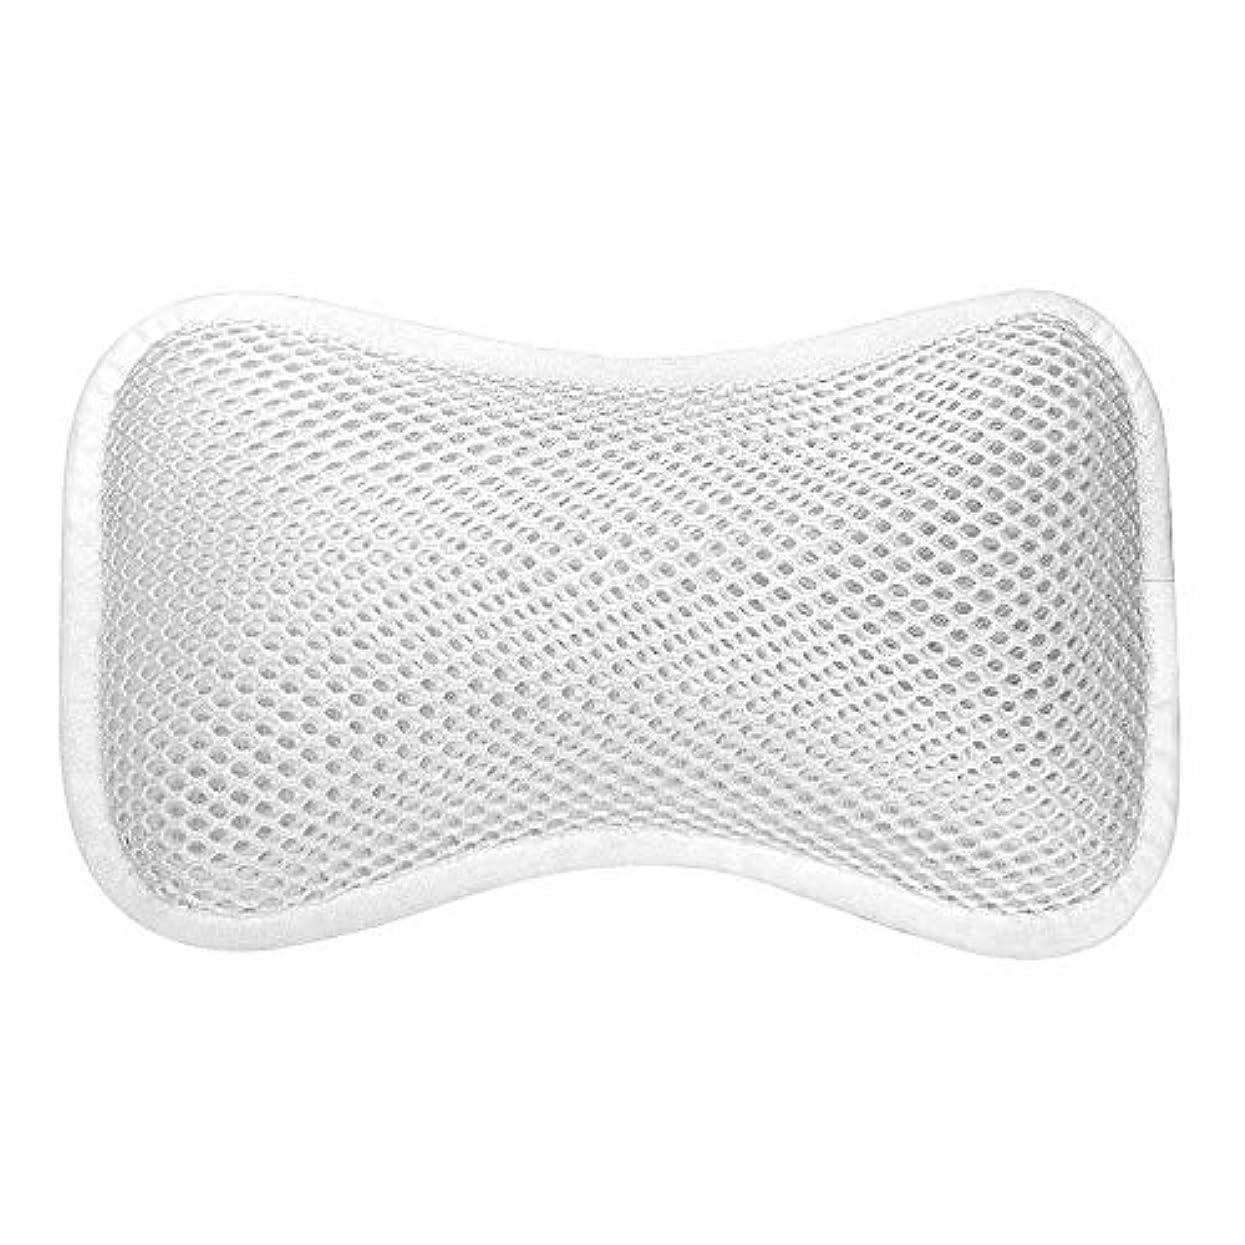 敵意コンデンサー歌詞3D網の骨の定形バスタブの枕、吸盤が付いている人間工学的の設計滑り止??めの浴槽の枕